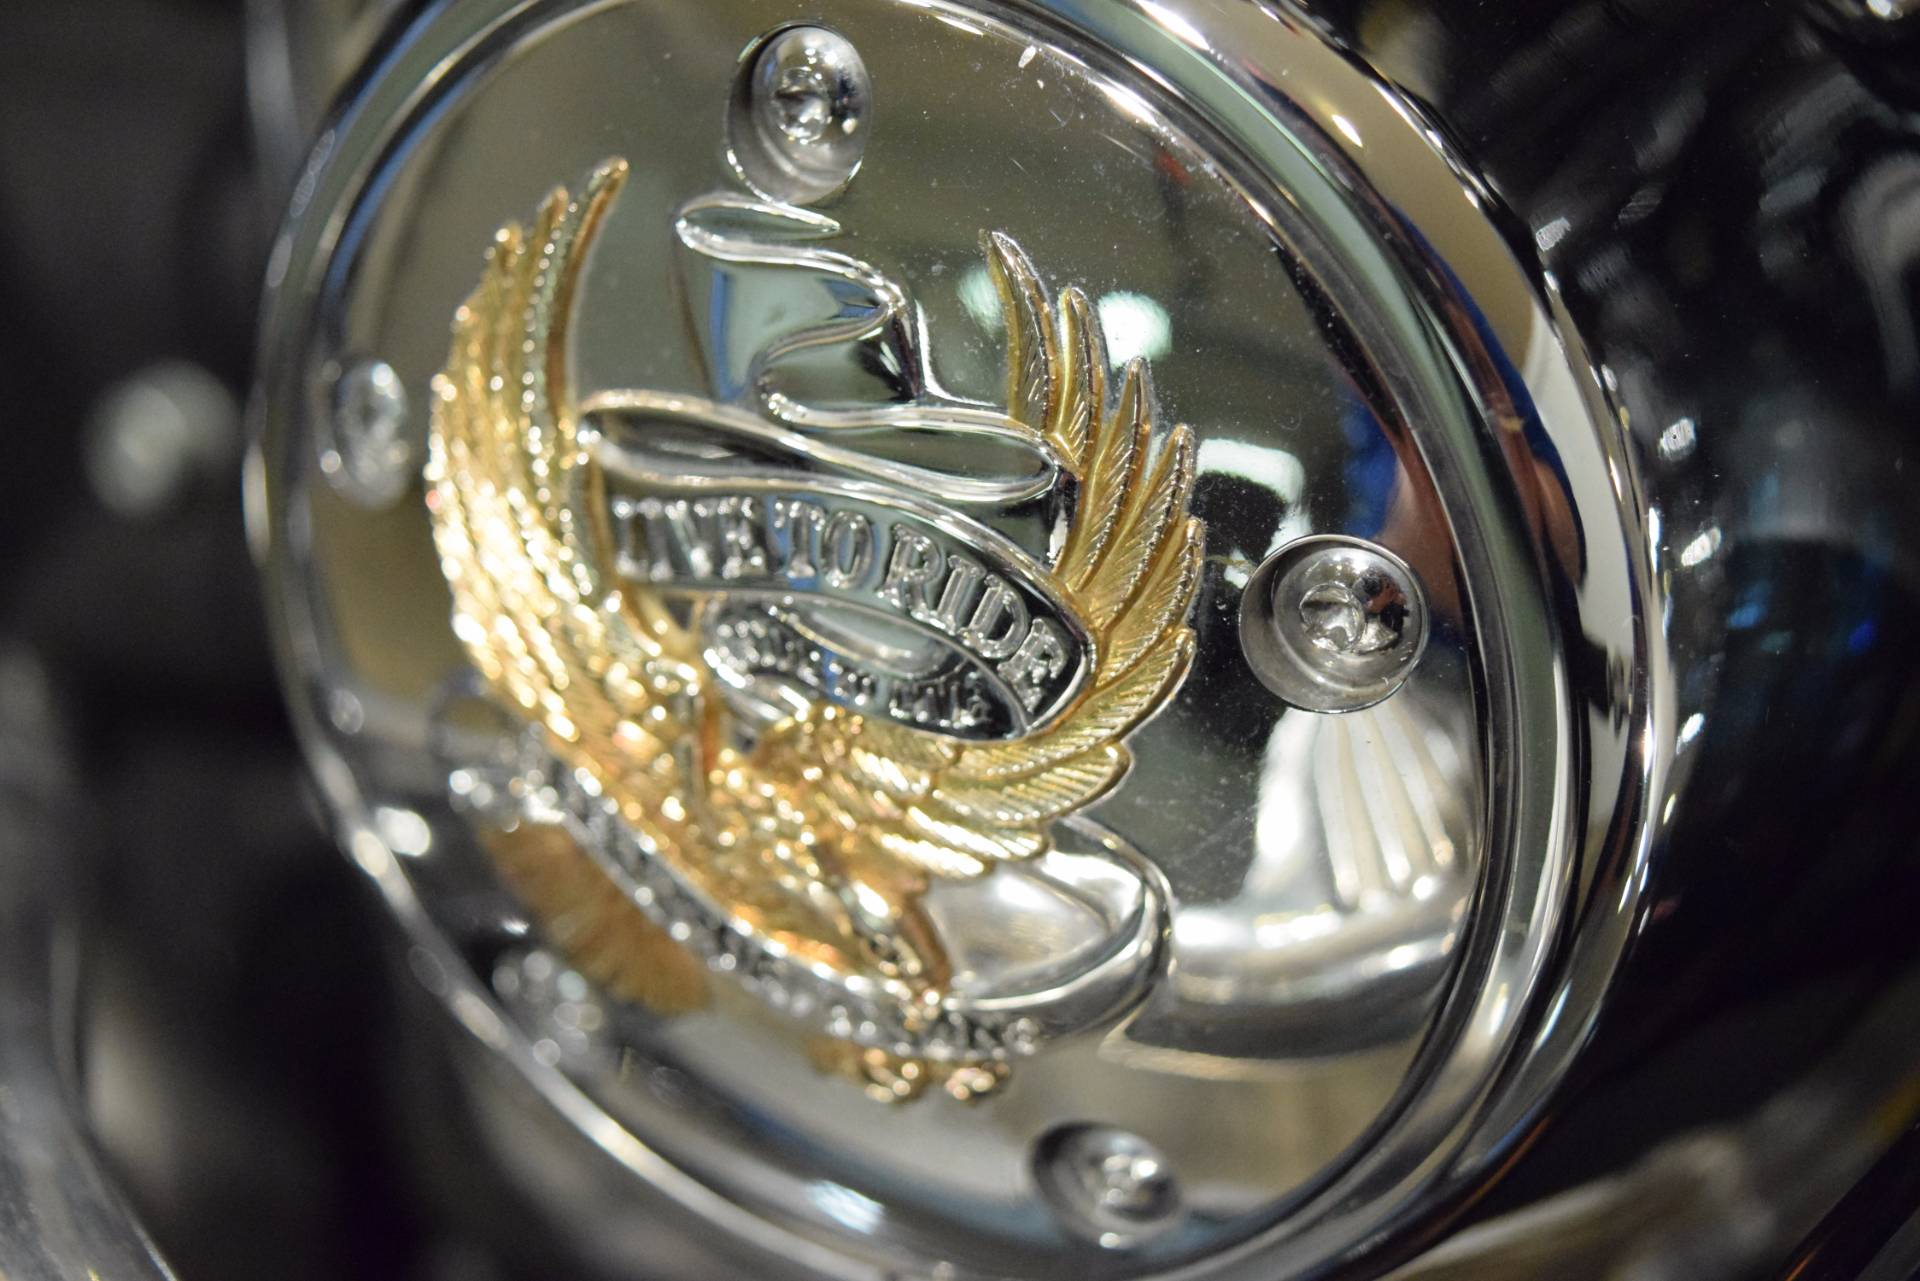 2009 Harley-Davidson Dyna Low Rider 7